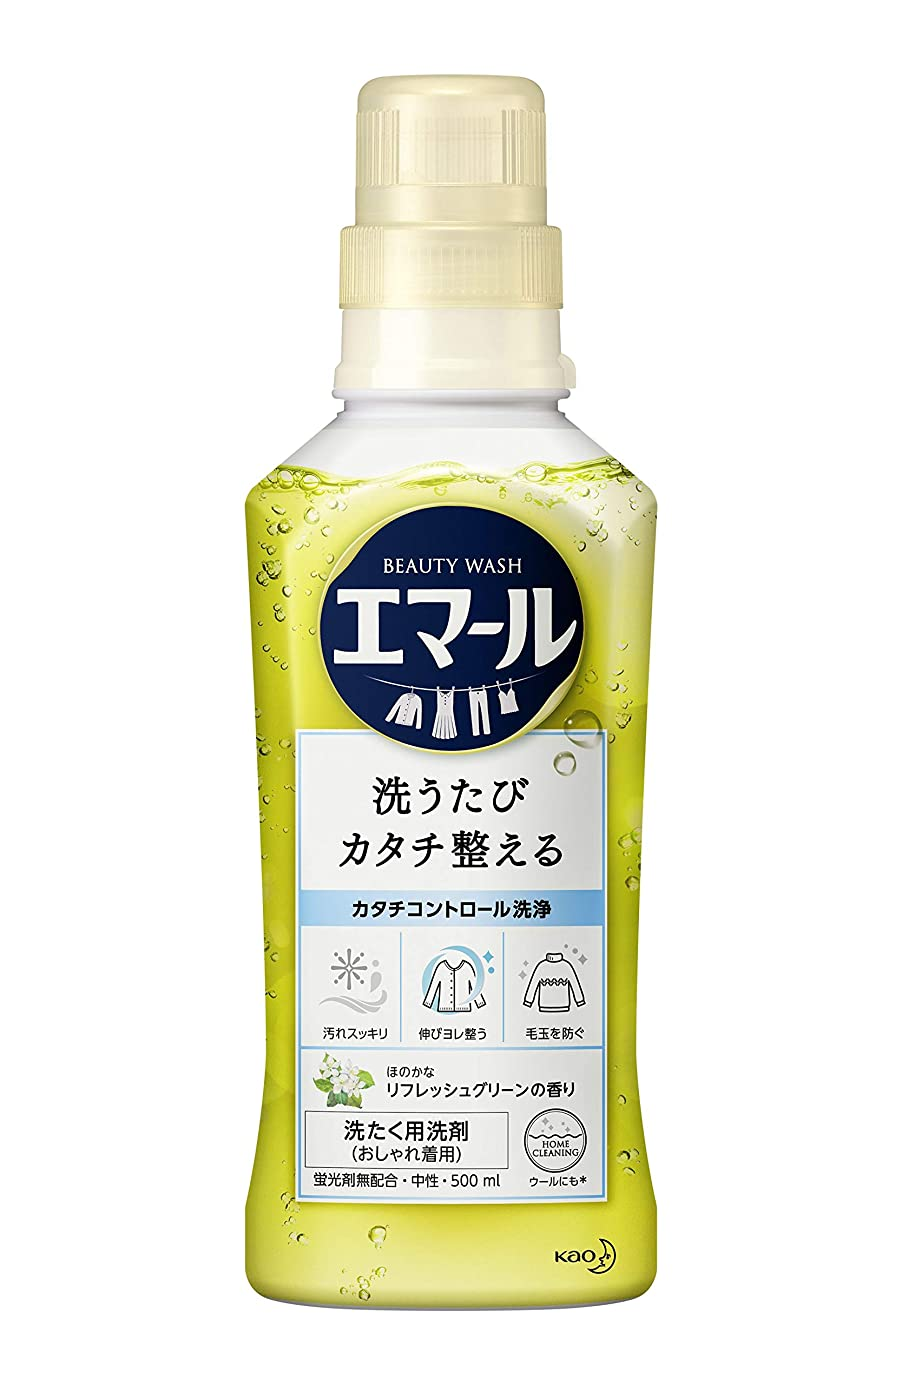 睡眠結び目提案するエマール 洗濯洗剤 液体 おしゃれ着用 リフレッシュグリーンの香り 本体 500ml